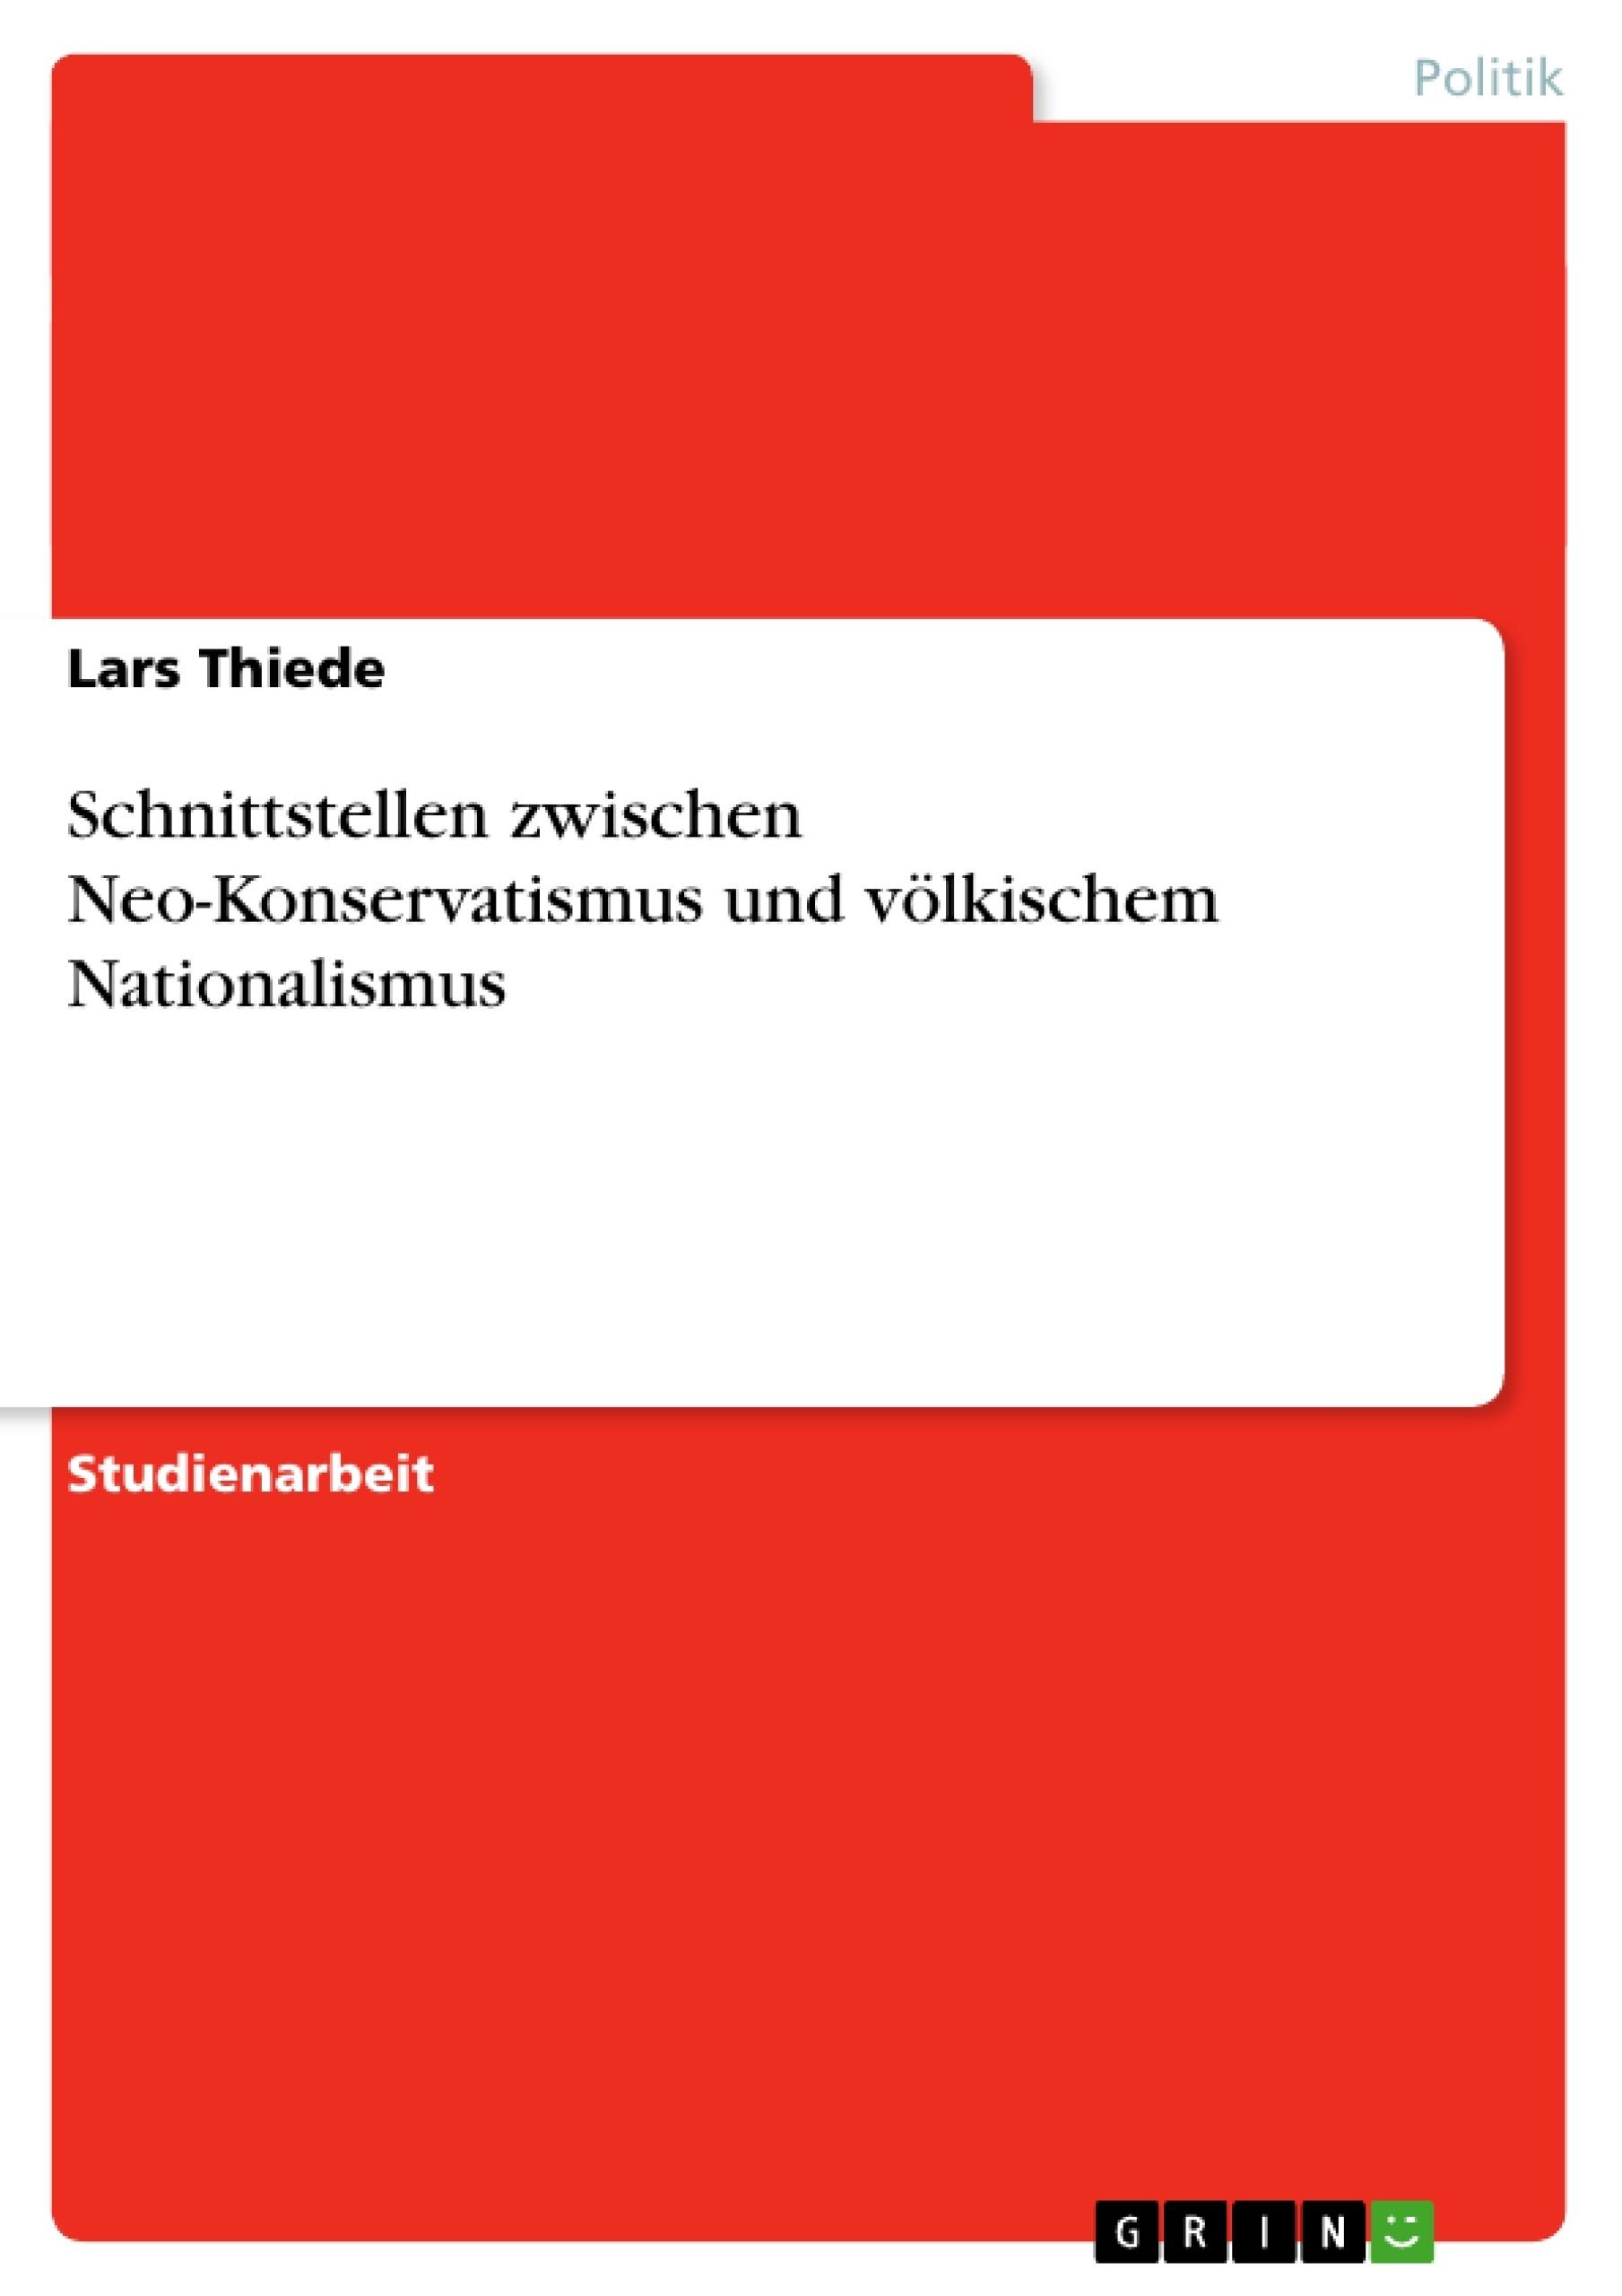 Titel: Schnittstellen zwischen Neo-Konservatismus und völkischem Nationalismus